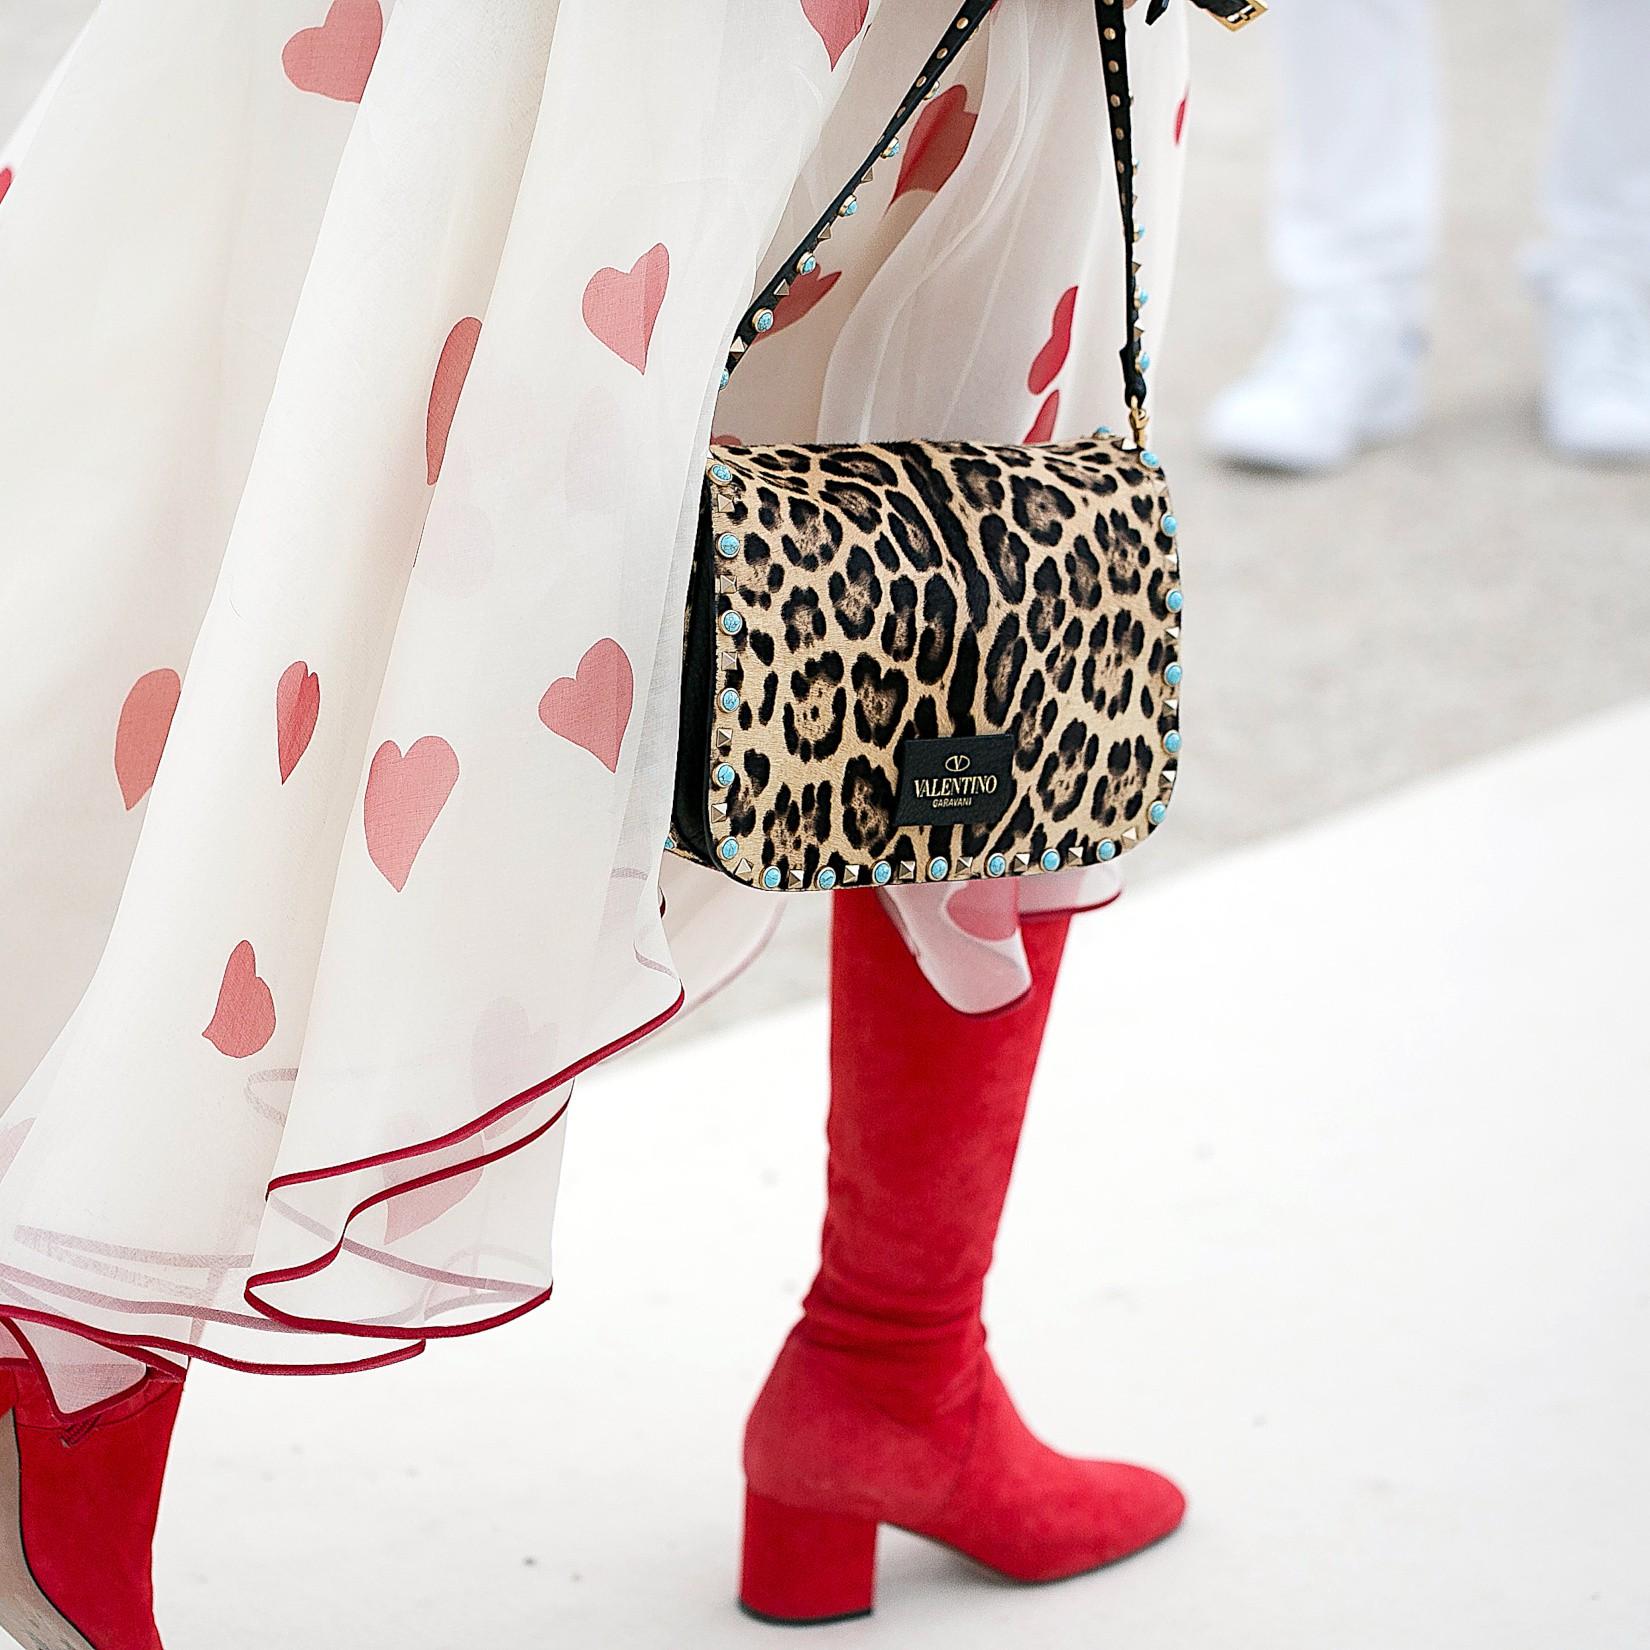 Comment upgrader un style girly avec le chic du léopard